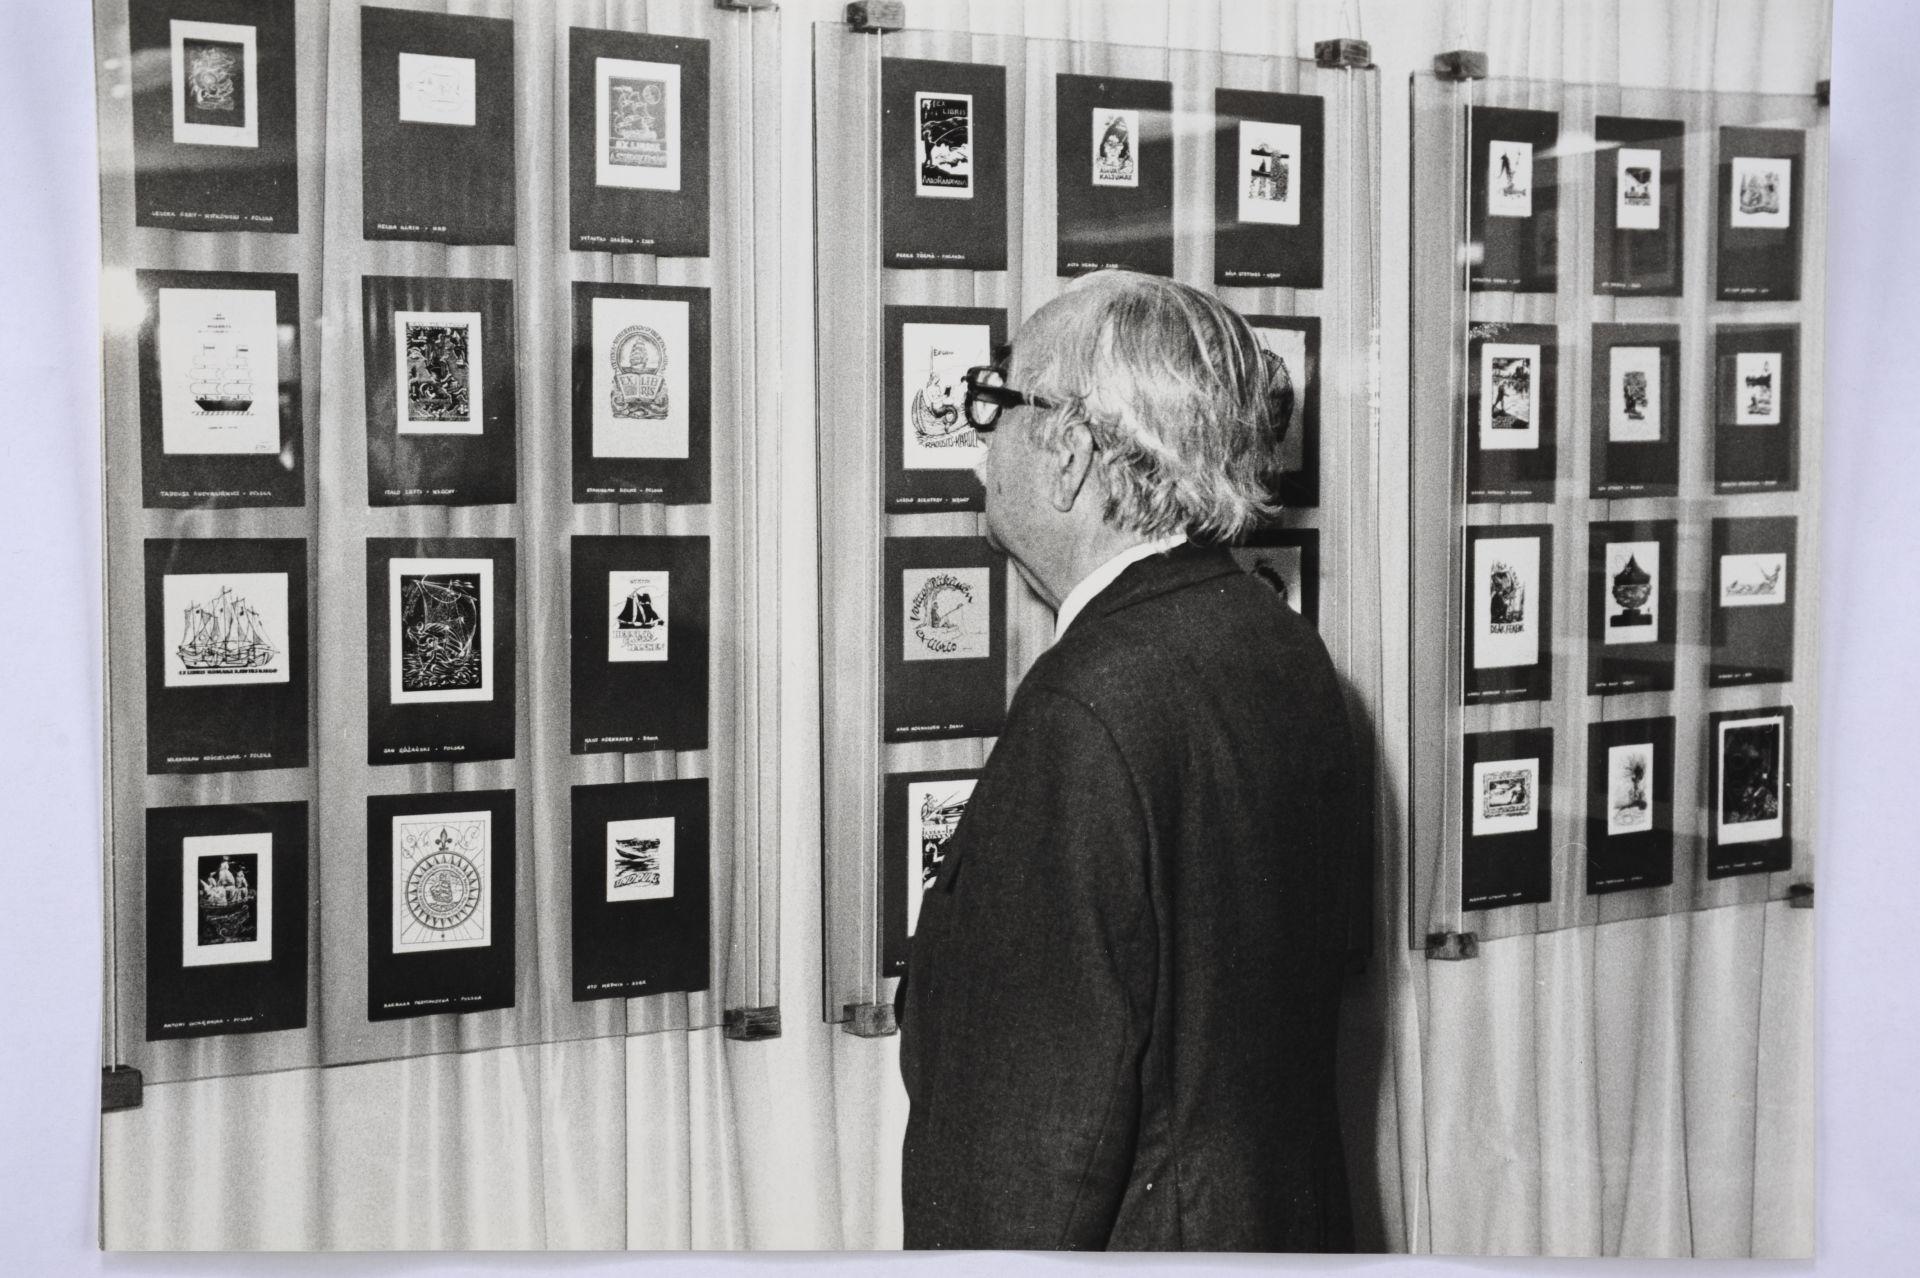 """Były takie wystawy… """"Sport w ekslibrisie"""" – wystawa z roku 1988"""